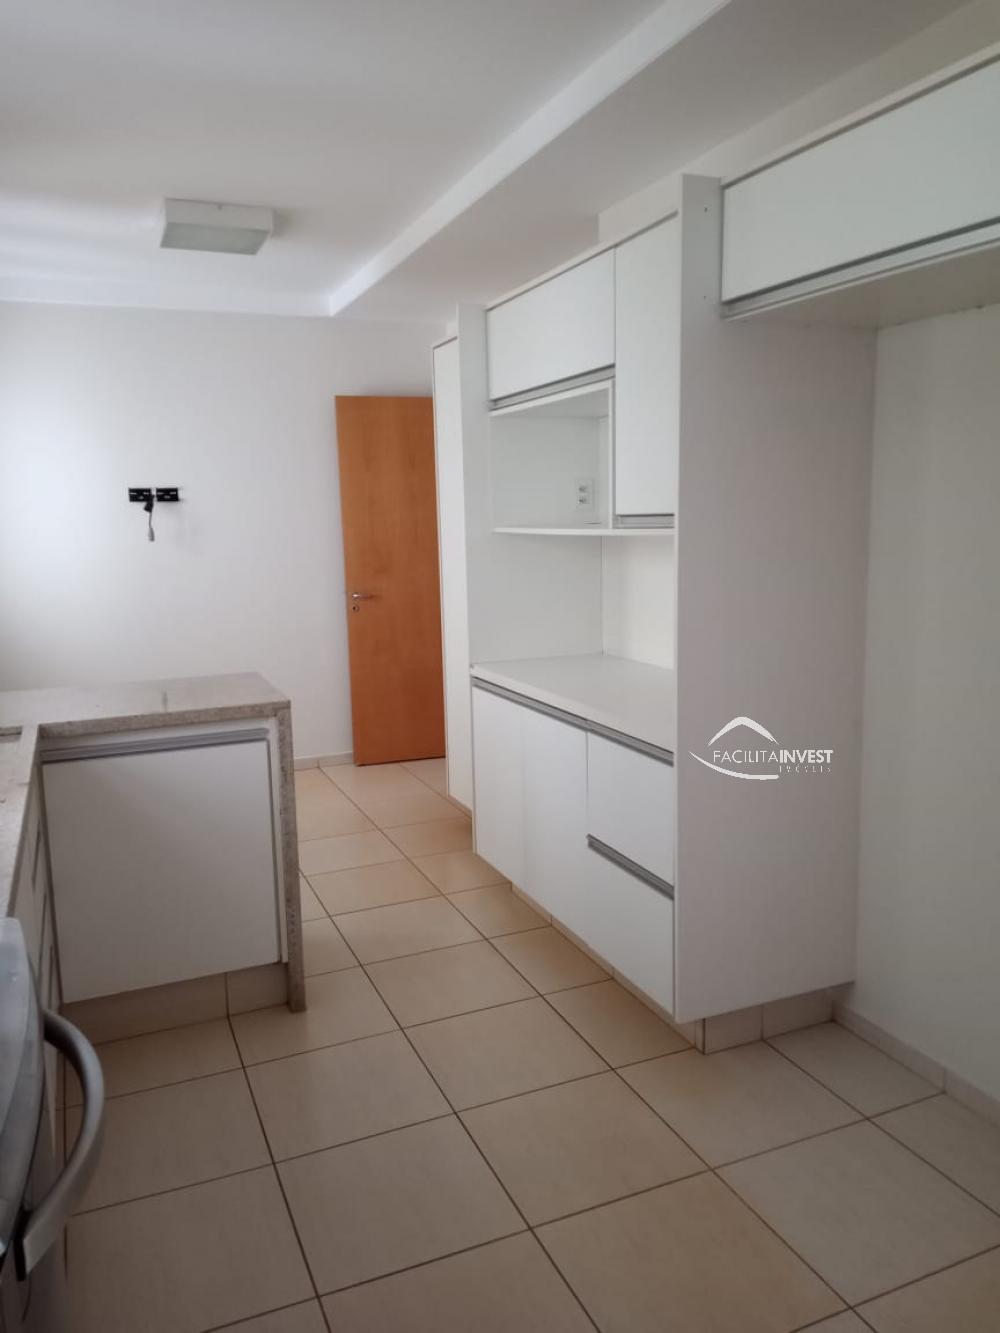 Alugar Apartamentos / Apart. Padrão em Ribeirão Preto apenas R$ 3.800,00 - Foto 8